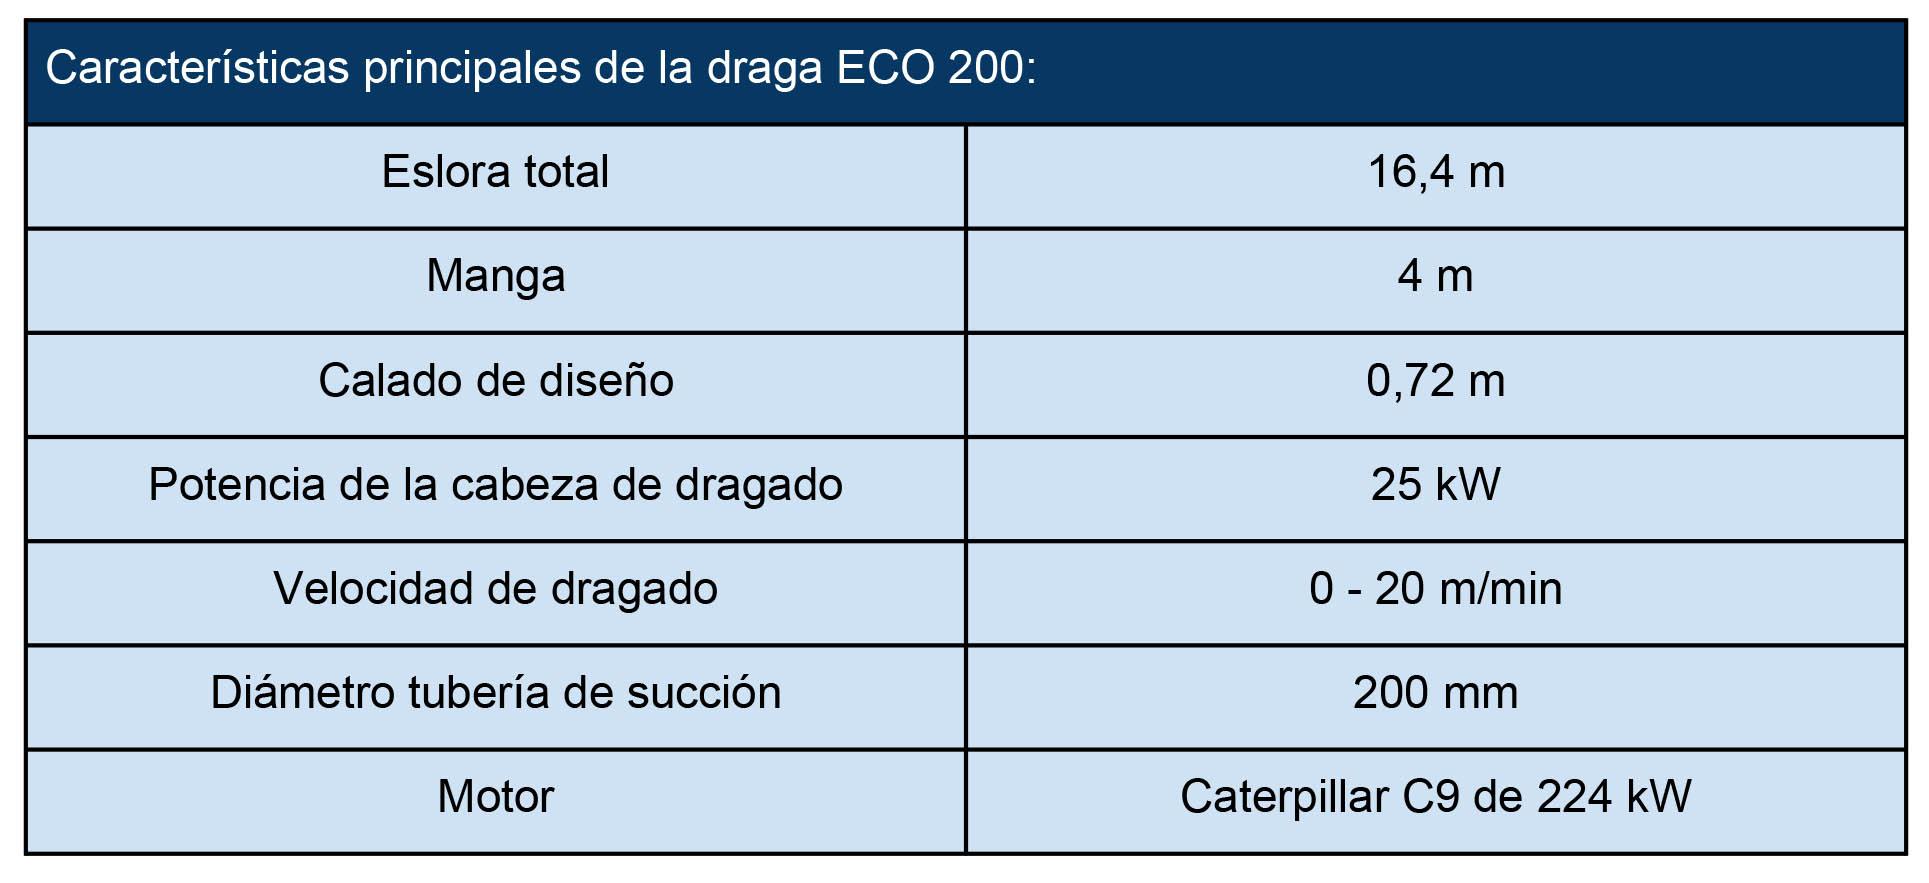 caracteristicas_draga_eco_200